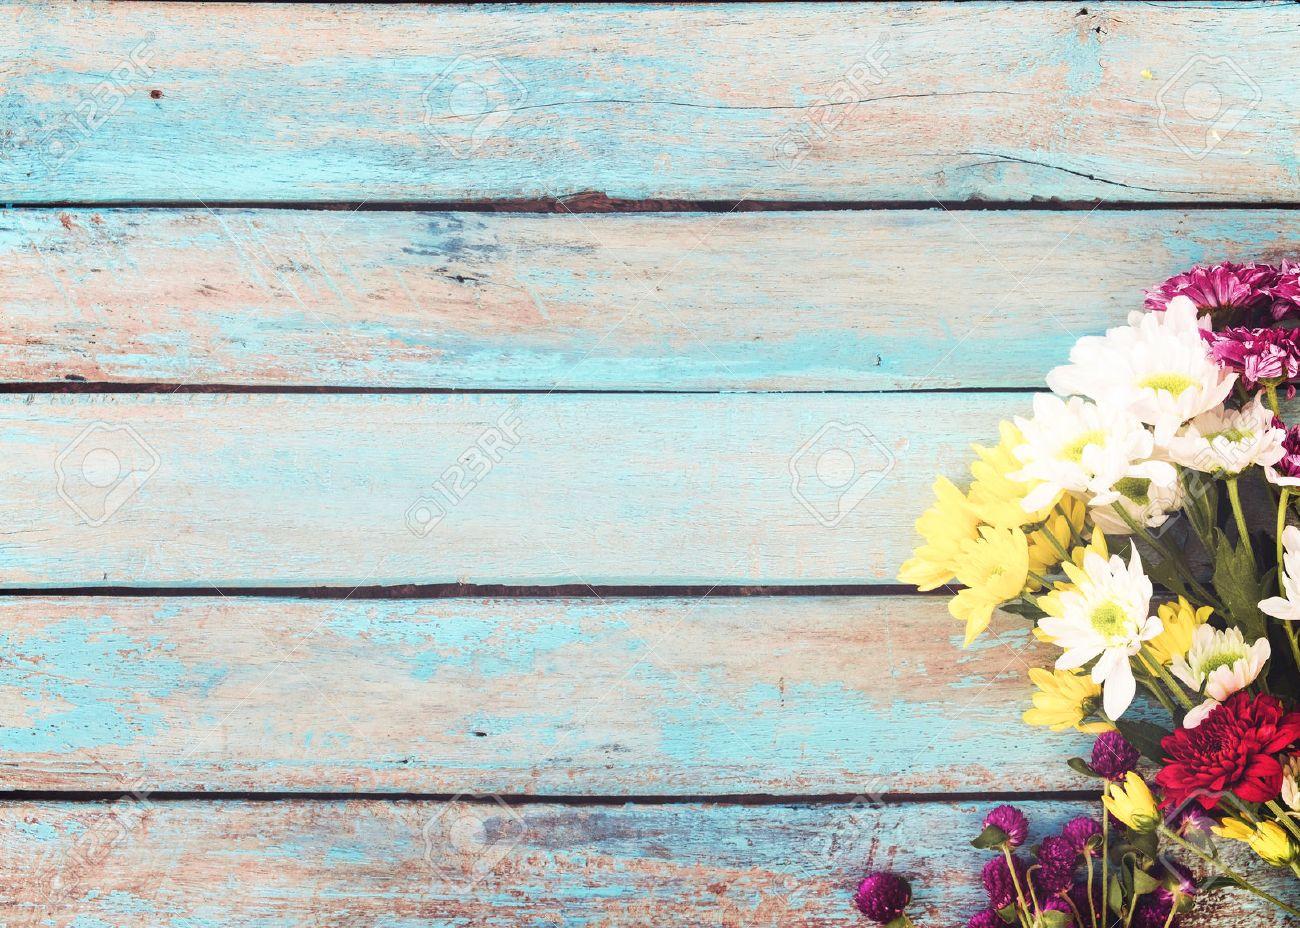 Colorful flowers bouquet on vintage wooden background, border design. vintage color tone - concept flower of spring or summer background - 71988586